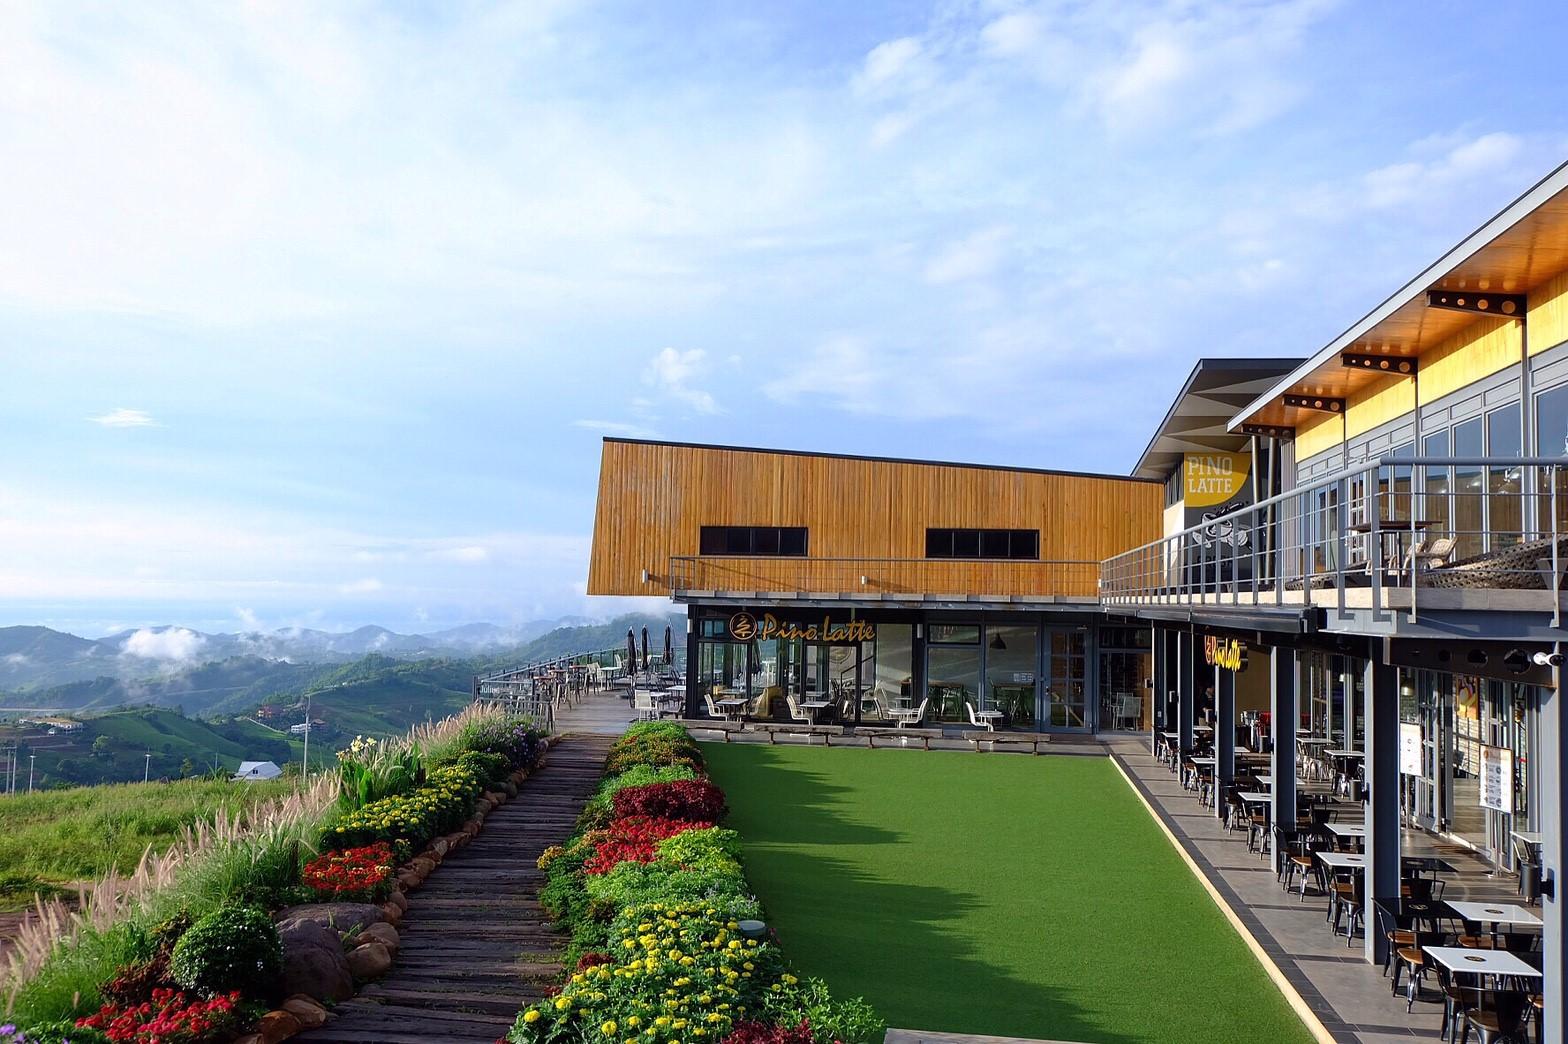 ที่เที่ยว เขาค้อ Pino Latte Resort & Café